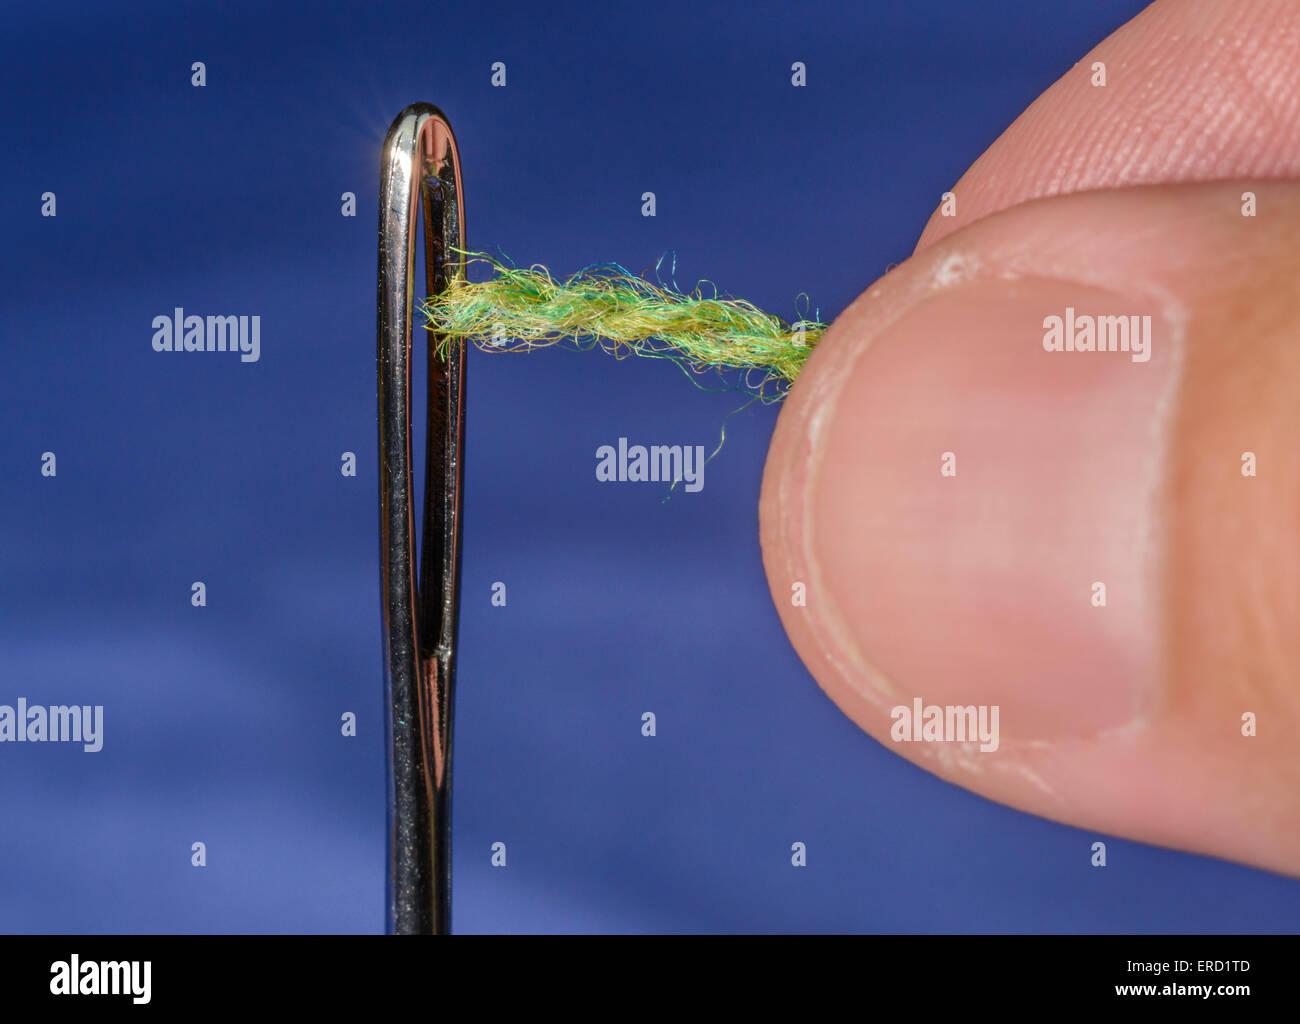 Gros plan de l'aiguille enfilage.les doigts d'un homme enfiler dans le chas d'une aiguille de reprisage. Photo Stock